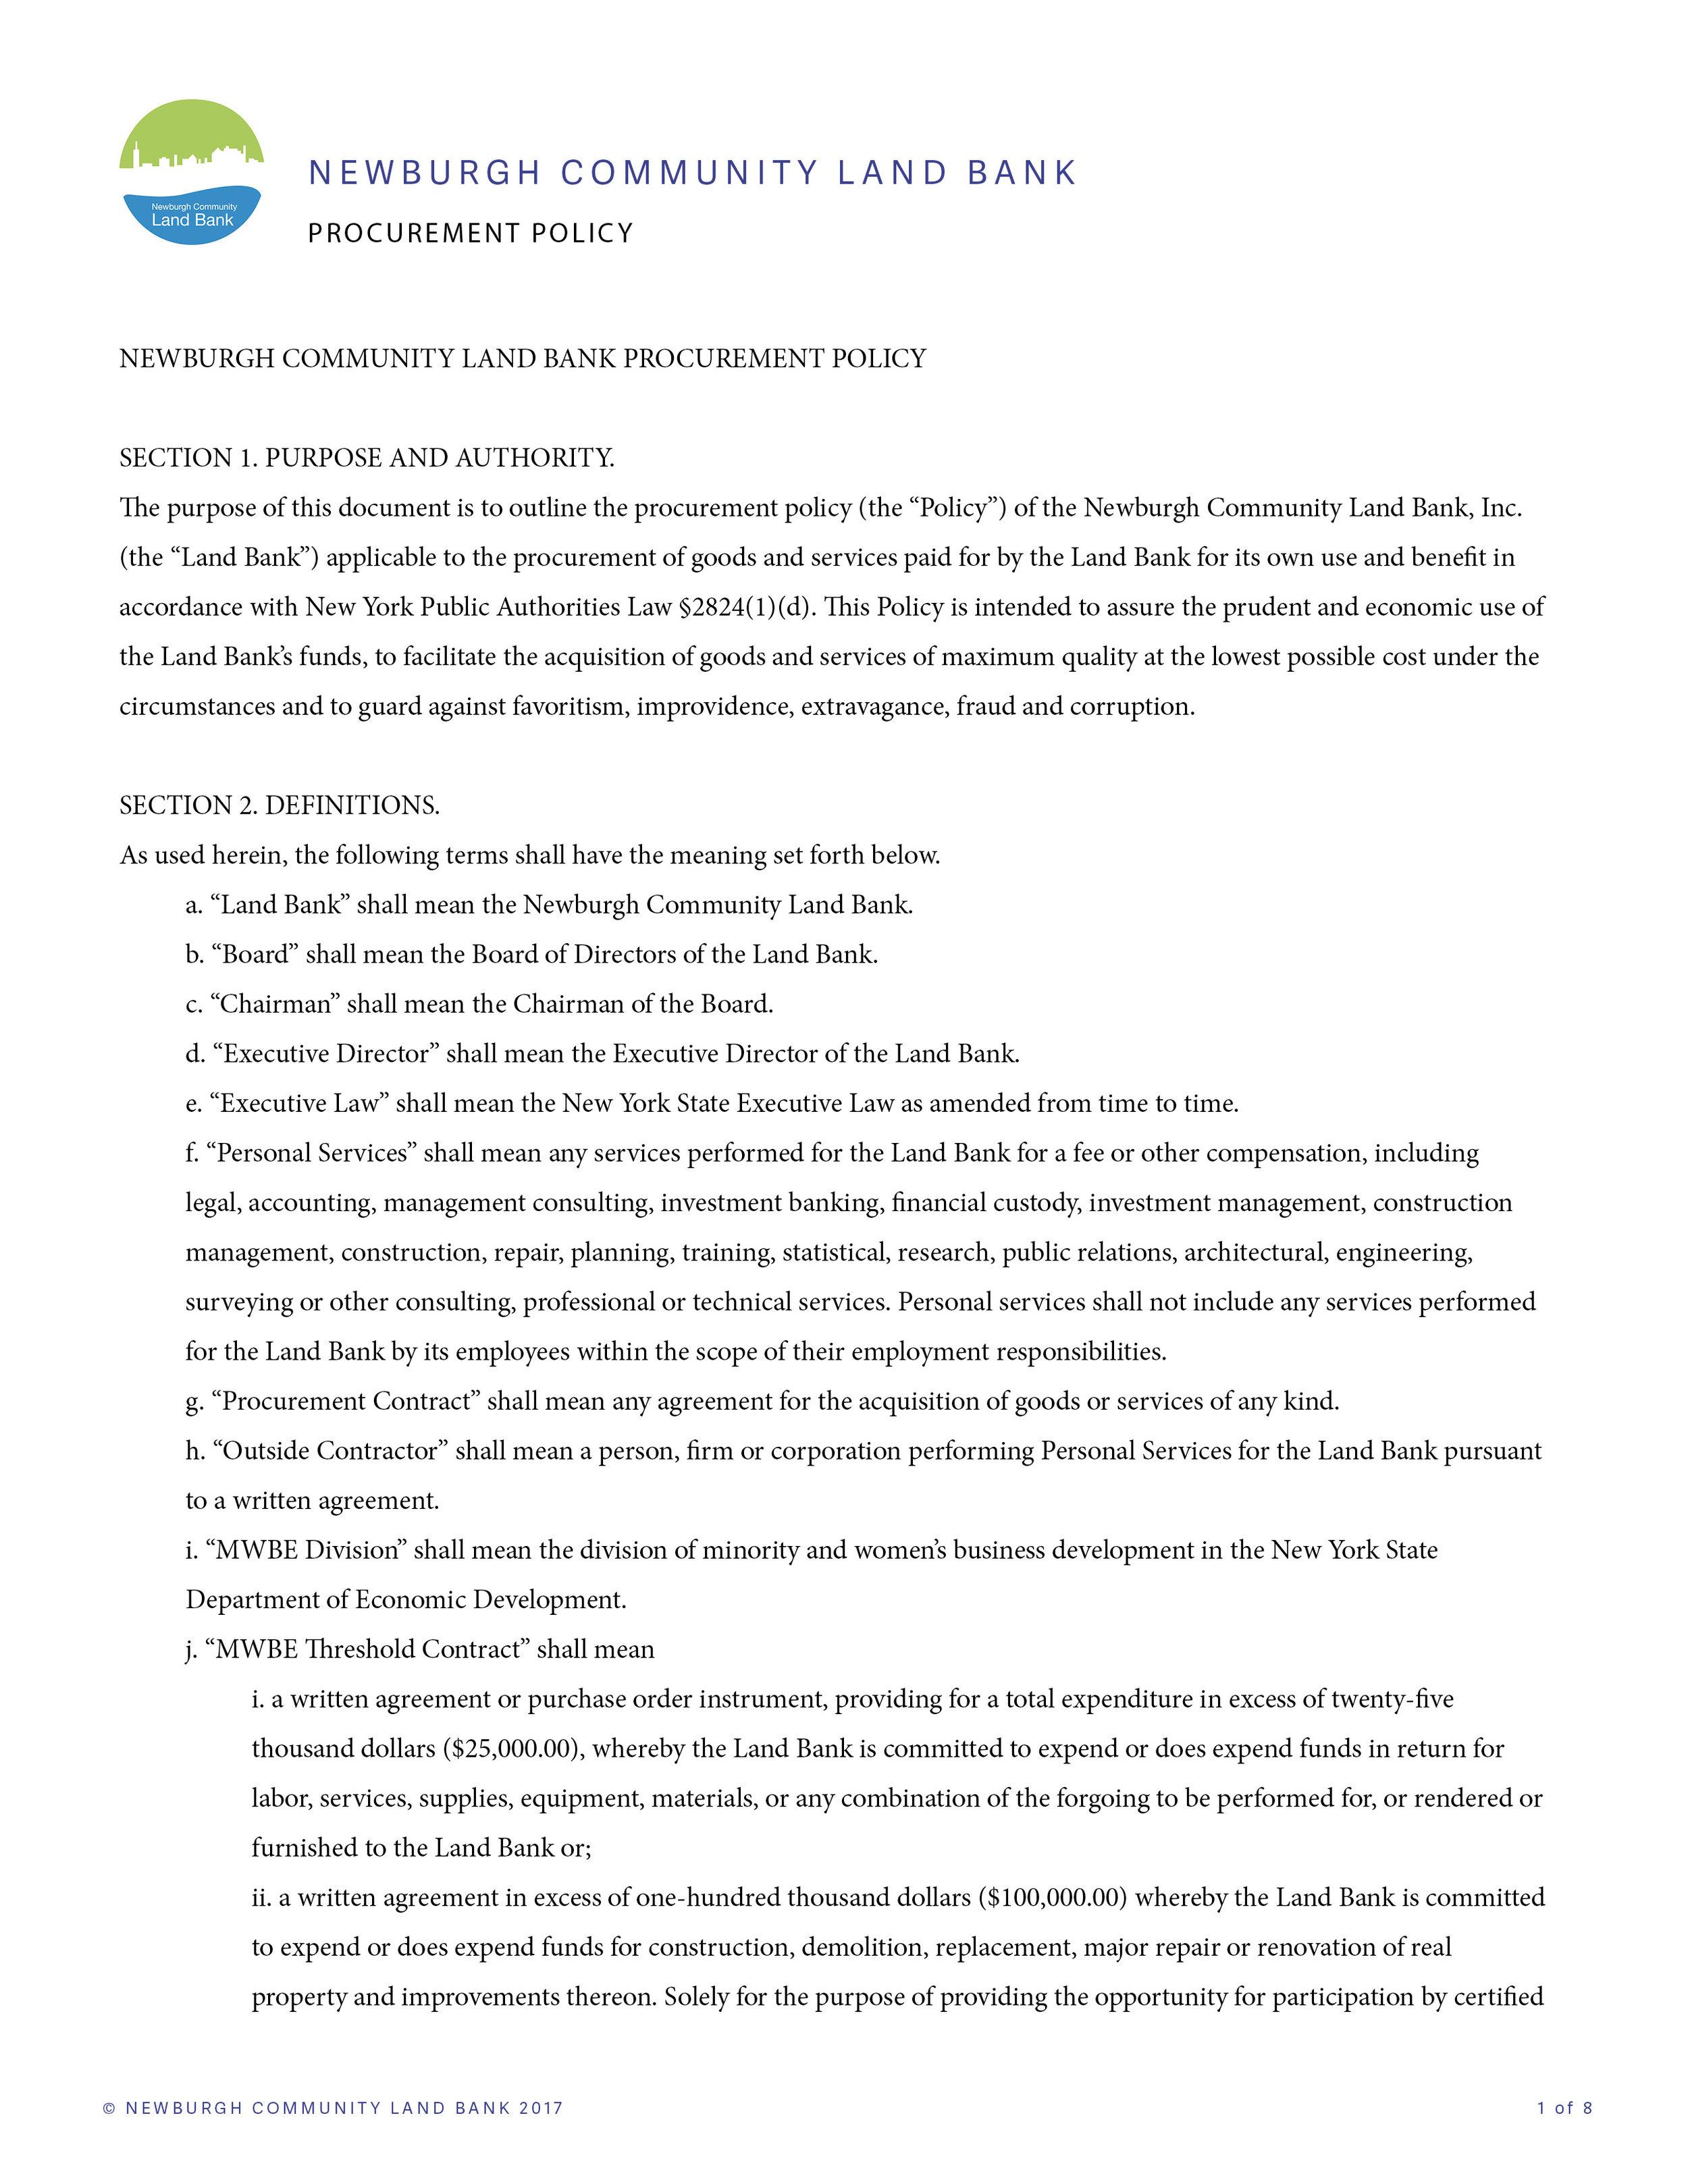 NCLB Procurement Policy1.jpg